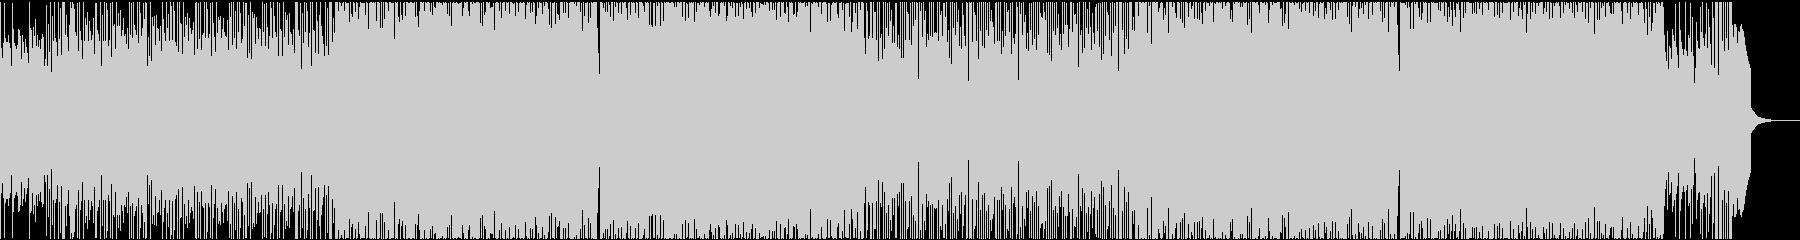 激しい雰囲気のアップビートバンドMMの未再生の波形